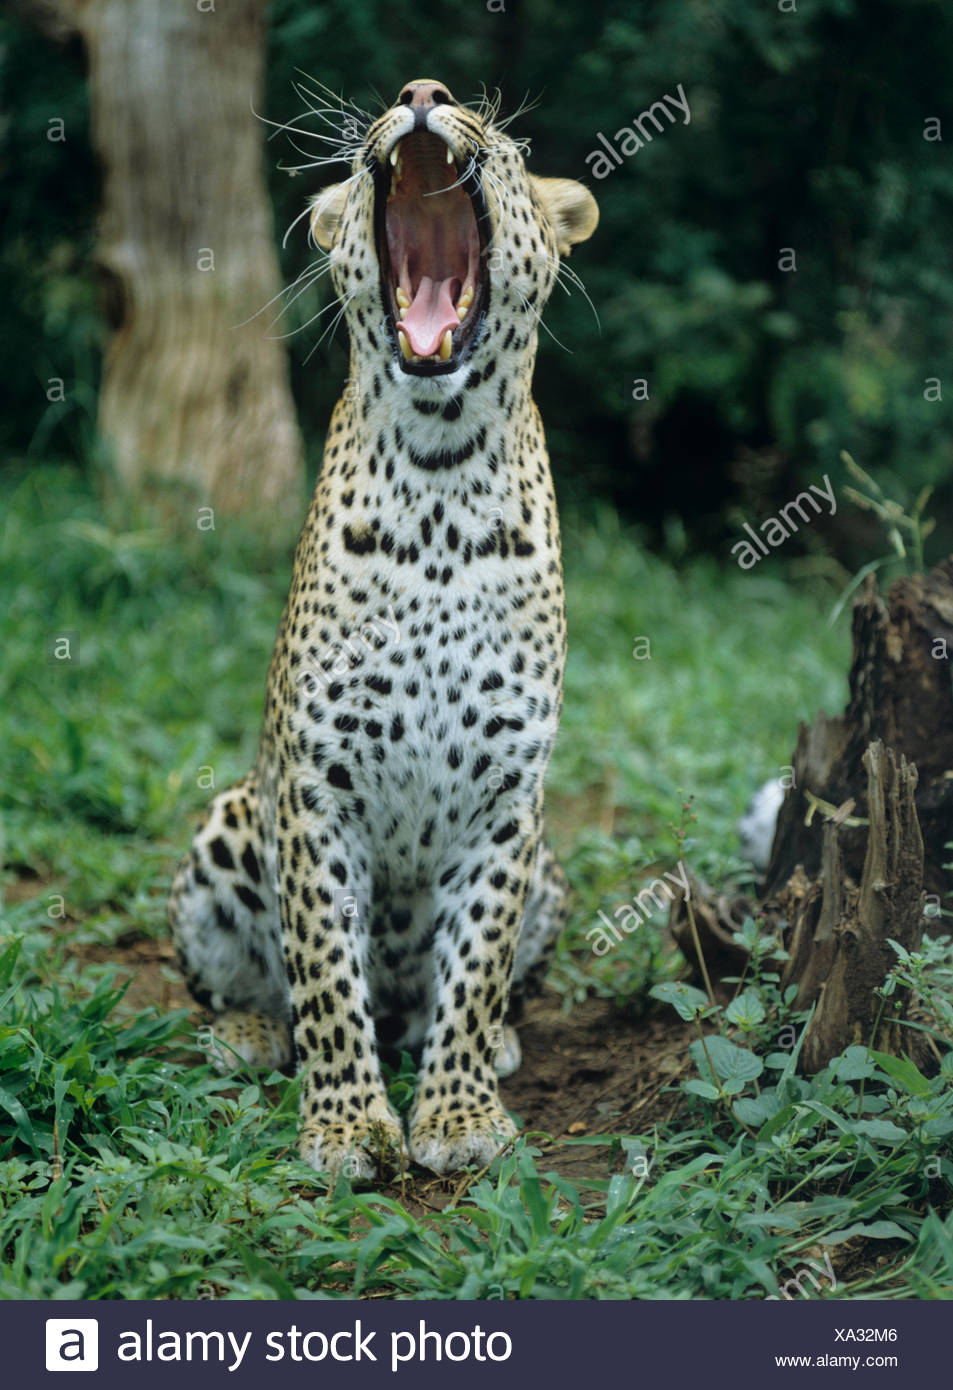 Leopard (Panthera pardus), sbadigli, Zimbabwe Immagini Stock